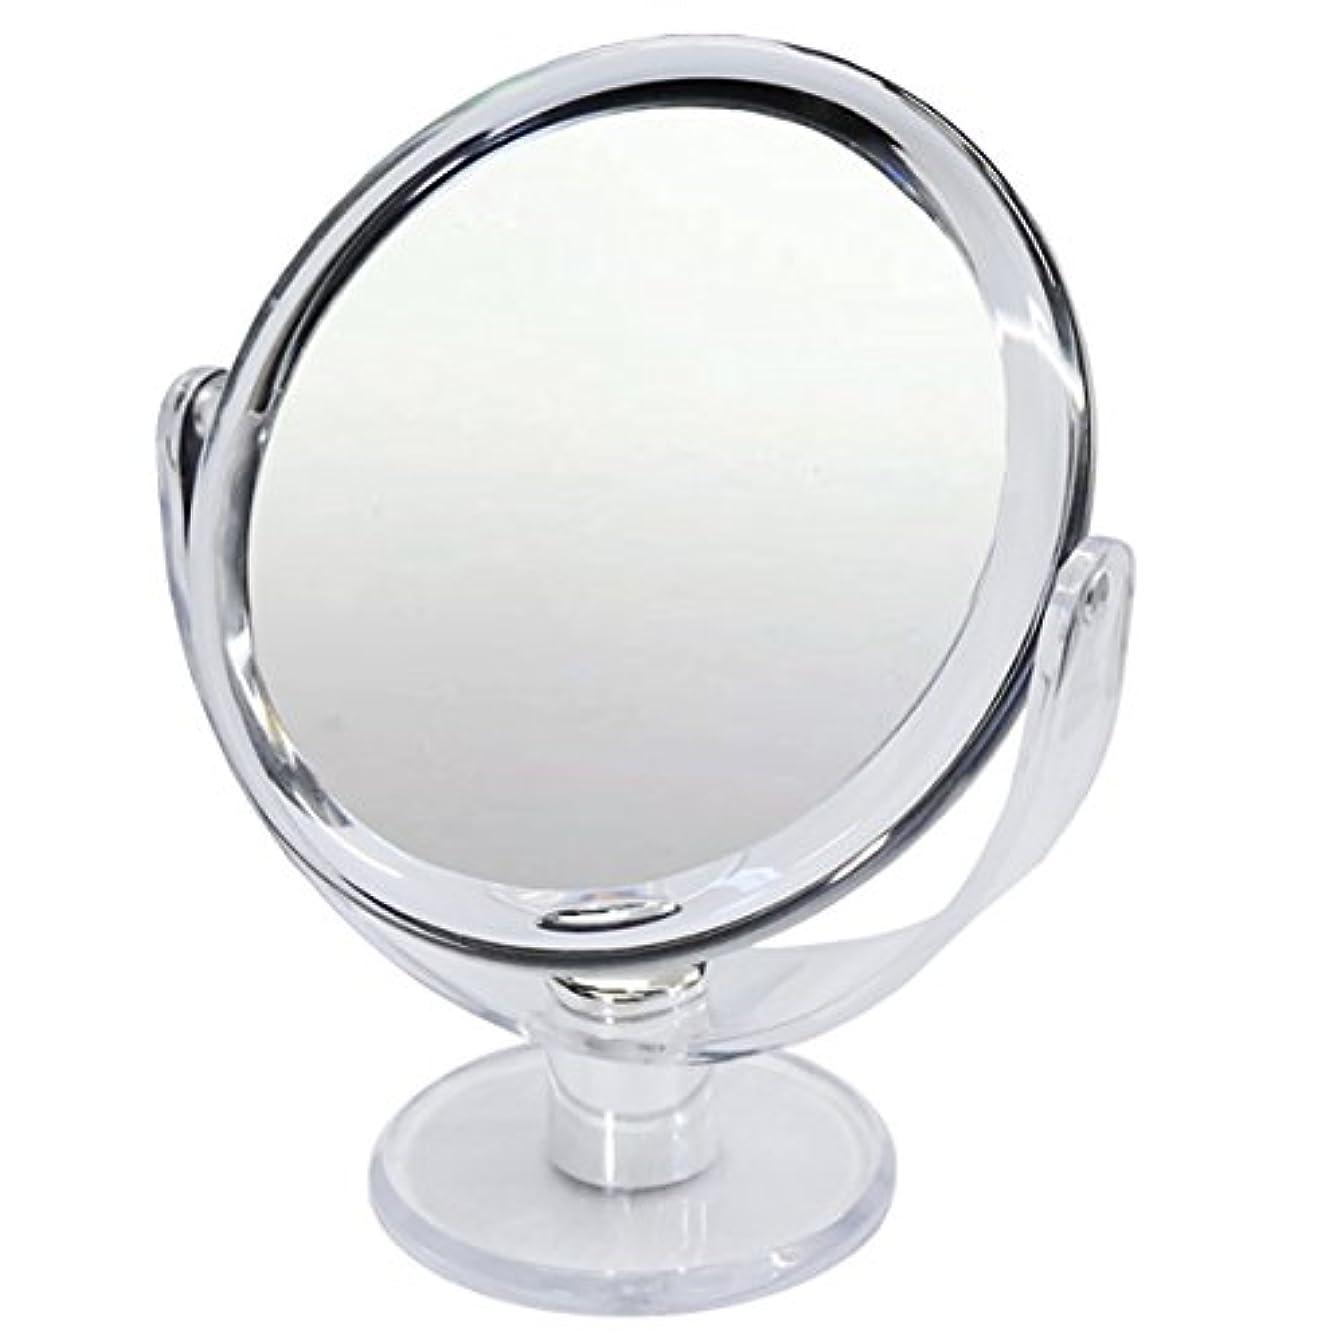 アニメーション重々しい溶ける10倍 拡大鏡 スタンドミラー 等倍鏡と10倍鏡の両面鏡